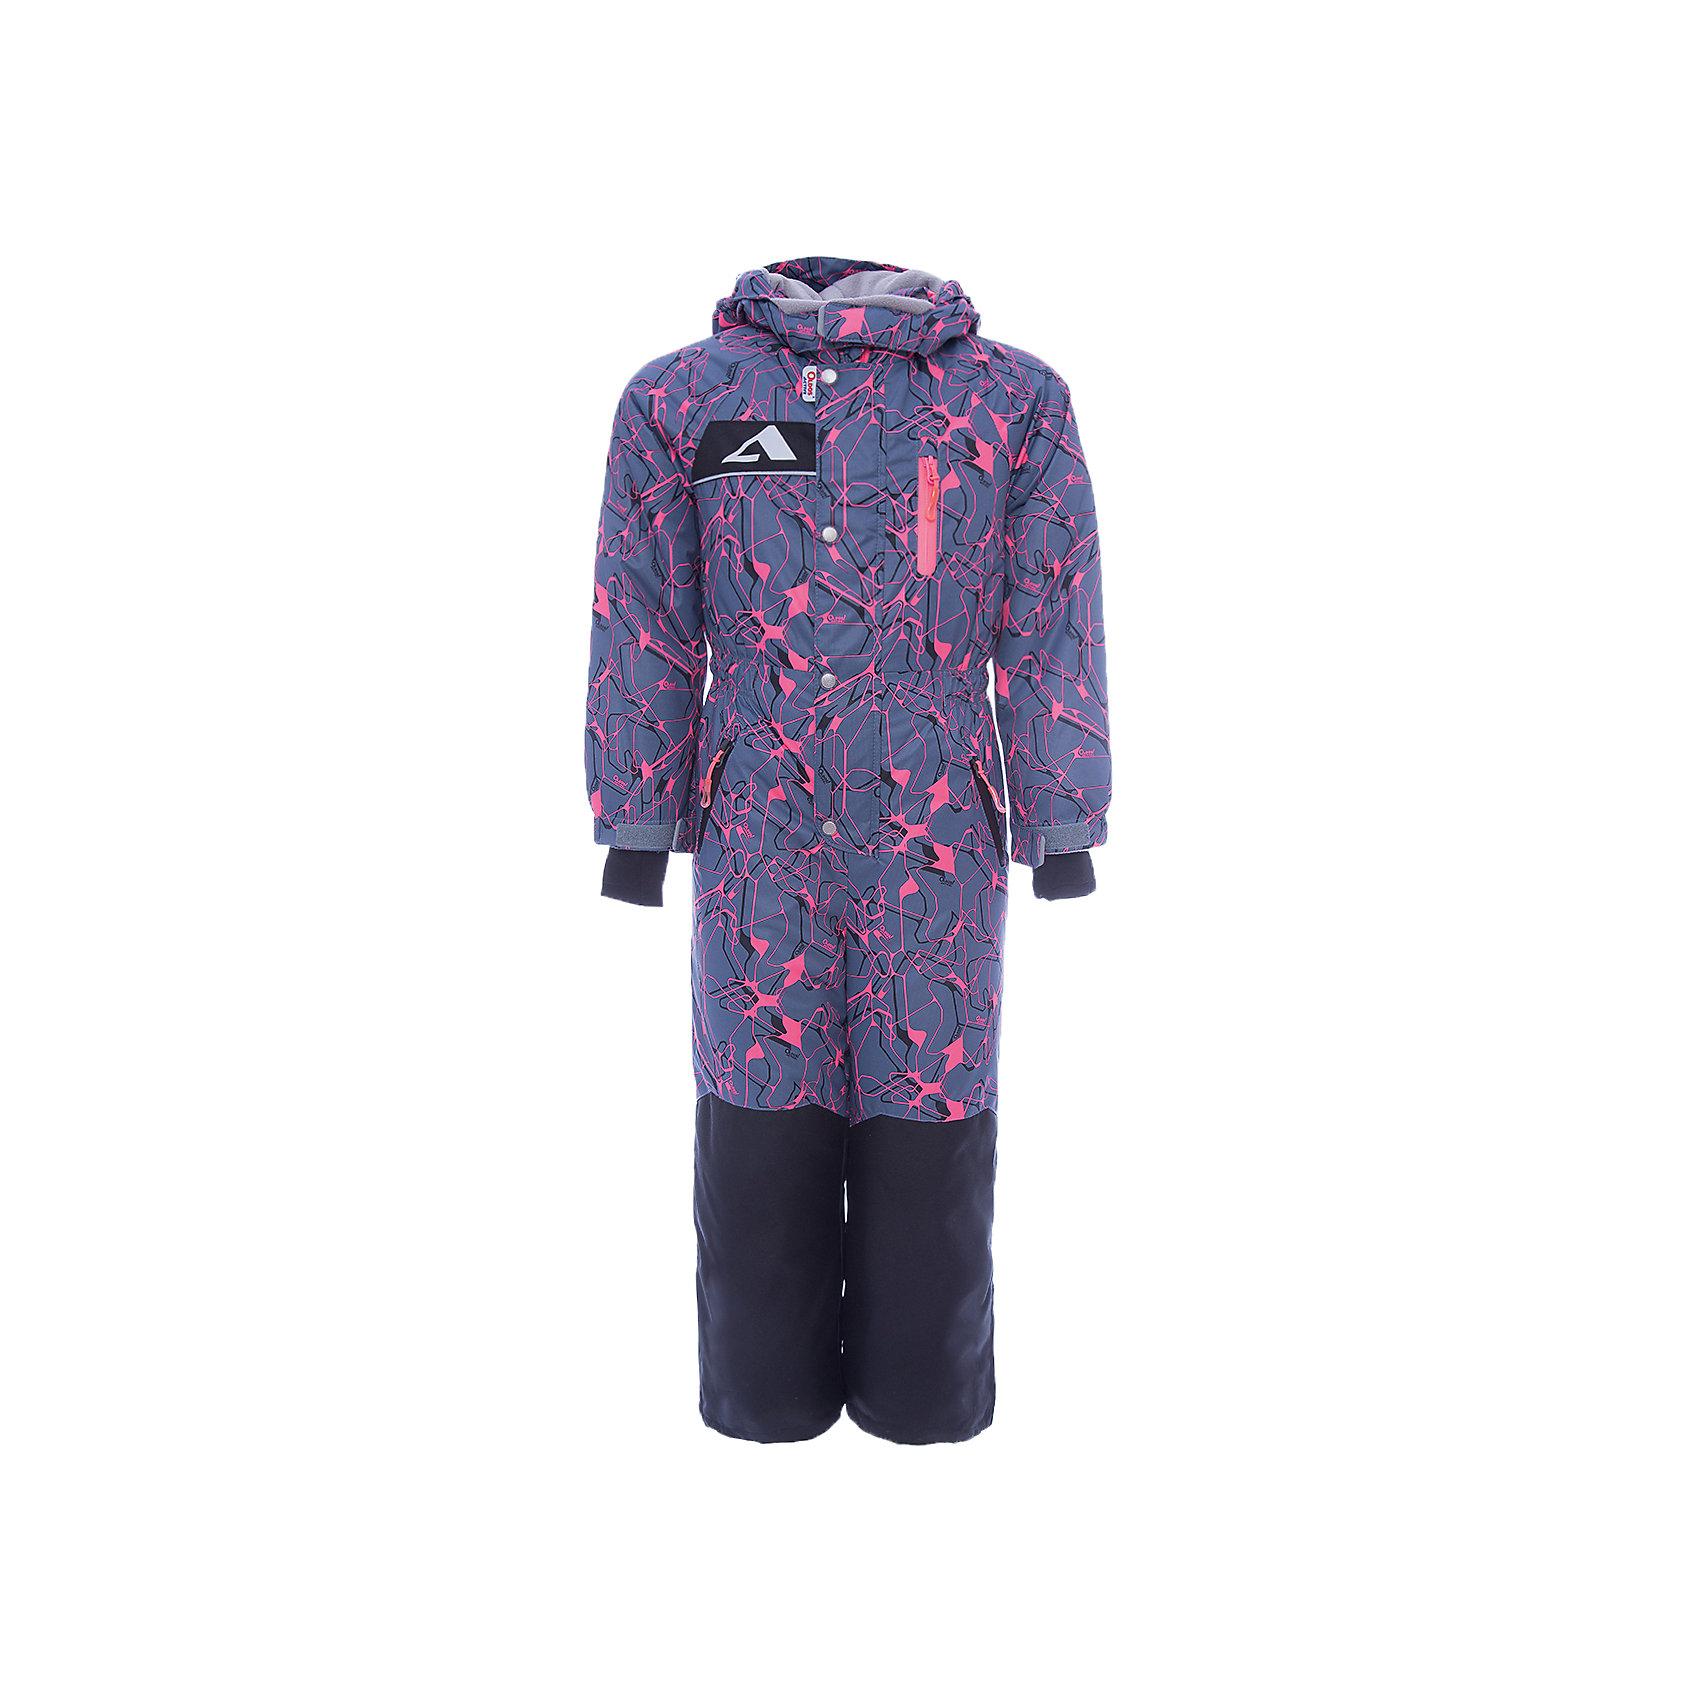 Комбинезон Ариил OLDOS для девочкиВерхняя одежда<br>Характеристики товара:<br><br>• цвет: розовый<br>• состав ткани: полиэстер, Teflon<br>• подкладка: флис, гладкий полиэстер<br>• утеплитель: Hollofan pro<br>• сезон: зима<br>• мембранное покрытие<br>• температурный режим: от -30 до +5<br>• водонепроницаемость: 5000 мм <br>• паропроницаемость: 5000 г/м2<br>• плотность утеплителя: 200 г/м2<br>• застежка: молния<br>• капюшон: без меха, съемный<br>• силиконовые штрипки<br>• в комплекте флисовый комбинезон<br>• страна бренда: Россия<br>• страна изготовитель: Россия<br><br>Теплый комбинезон от бренда Oldos отличается прочным верхом и теплым легким наполнителем. Детский комбинезон хорошо защищает от ветра и снега. Этот теплый комбинезон декорирован ярким принтом. Детский комбинезон благодаря мембранной технологии рассчитан даже на сильные морозы. <br><br>Комбинезон Ариил Oldos (Олдос) для девочки можно купить в нашем интернет-магазине.<br><br>Ширина мм: 356<br>Глубина мм: 10<br>Высота мм: 245<br>Вес г: 519<br>Цвет: розовый<br>Возраст от месяцев: 24<br>Возраст до месяцев: 36<br>Пол: Женский<br>Возраст: Детский<br>Размер: 98,116,104<br>SKU: 7015828